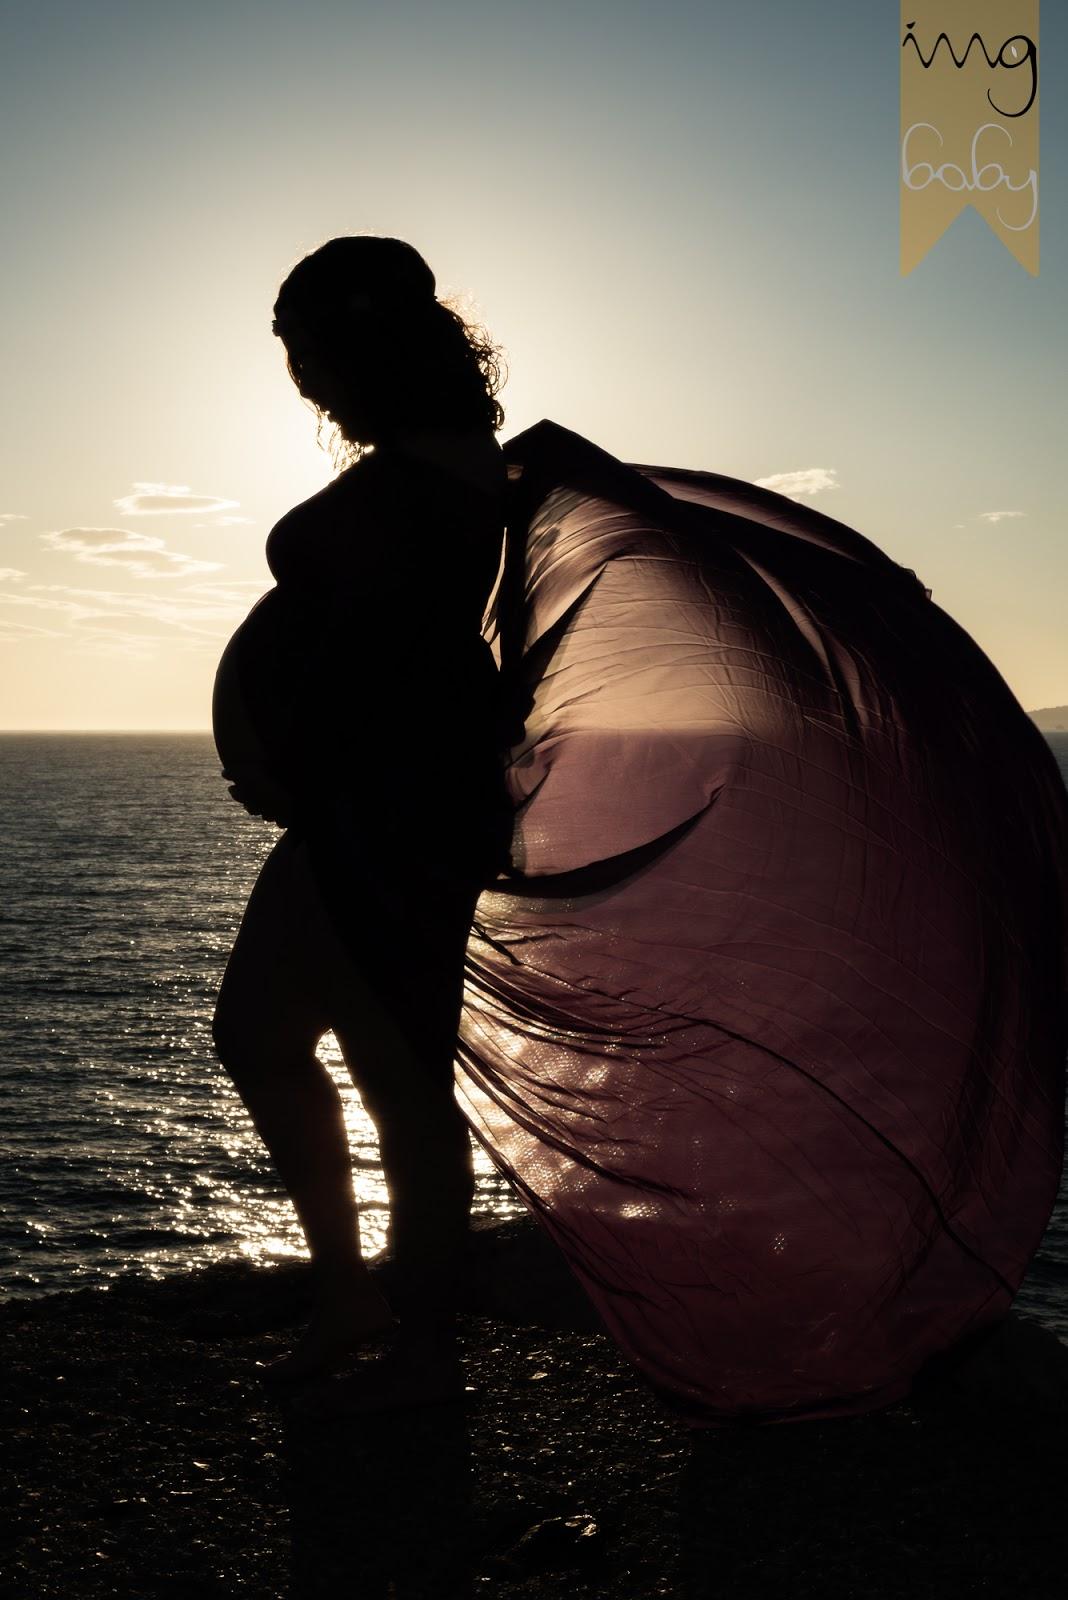 Fotografía de embarazada al atardecer en la playa